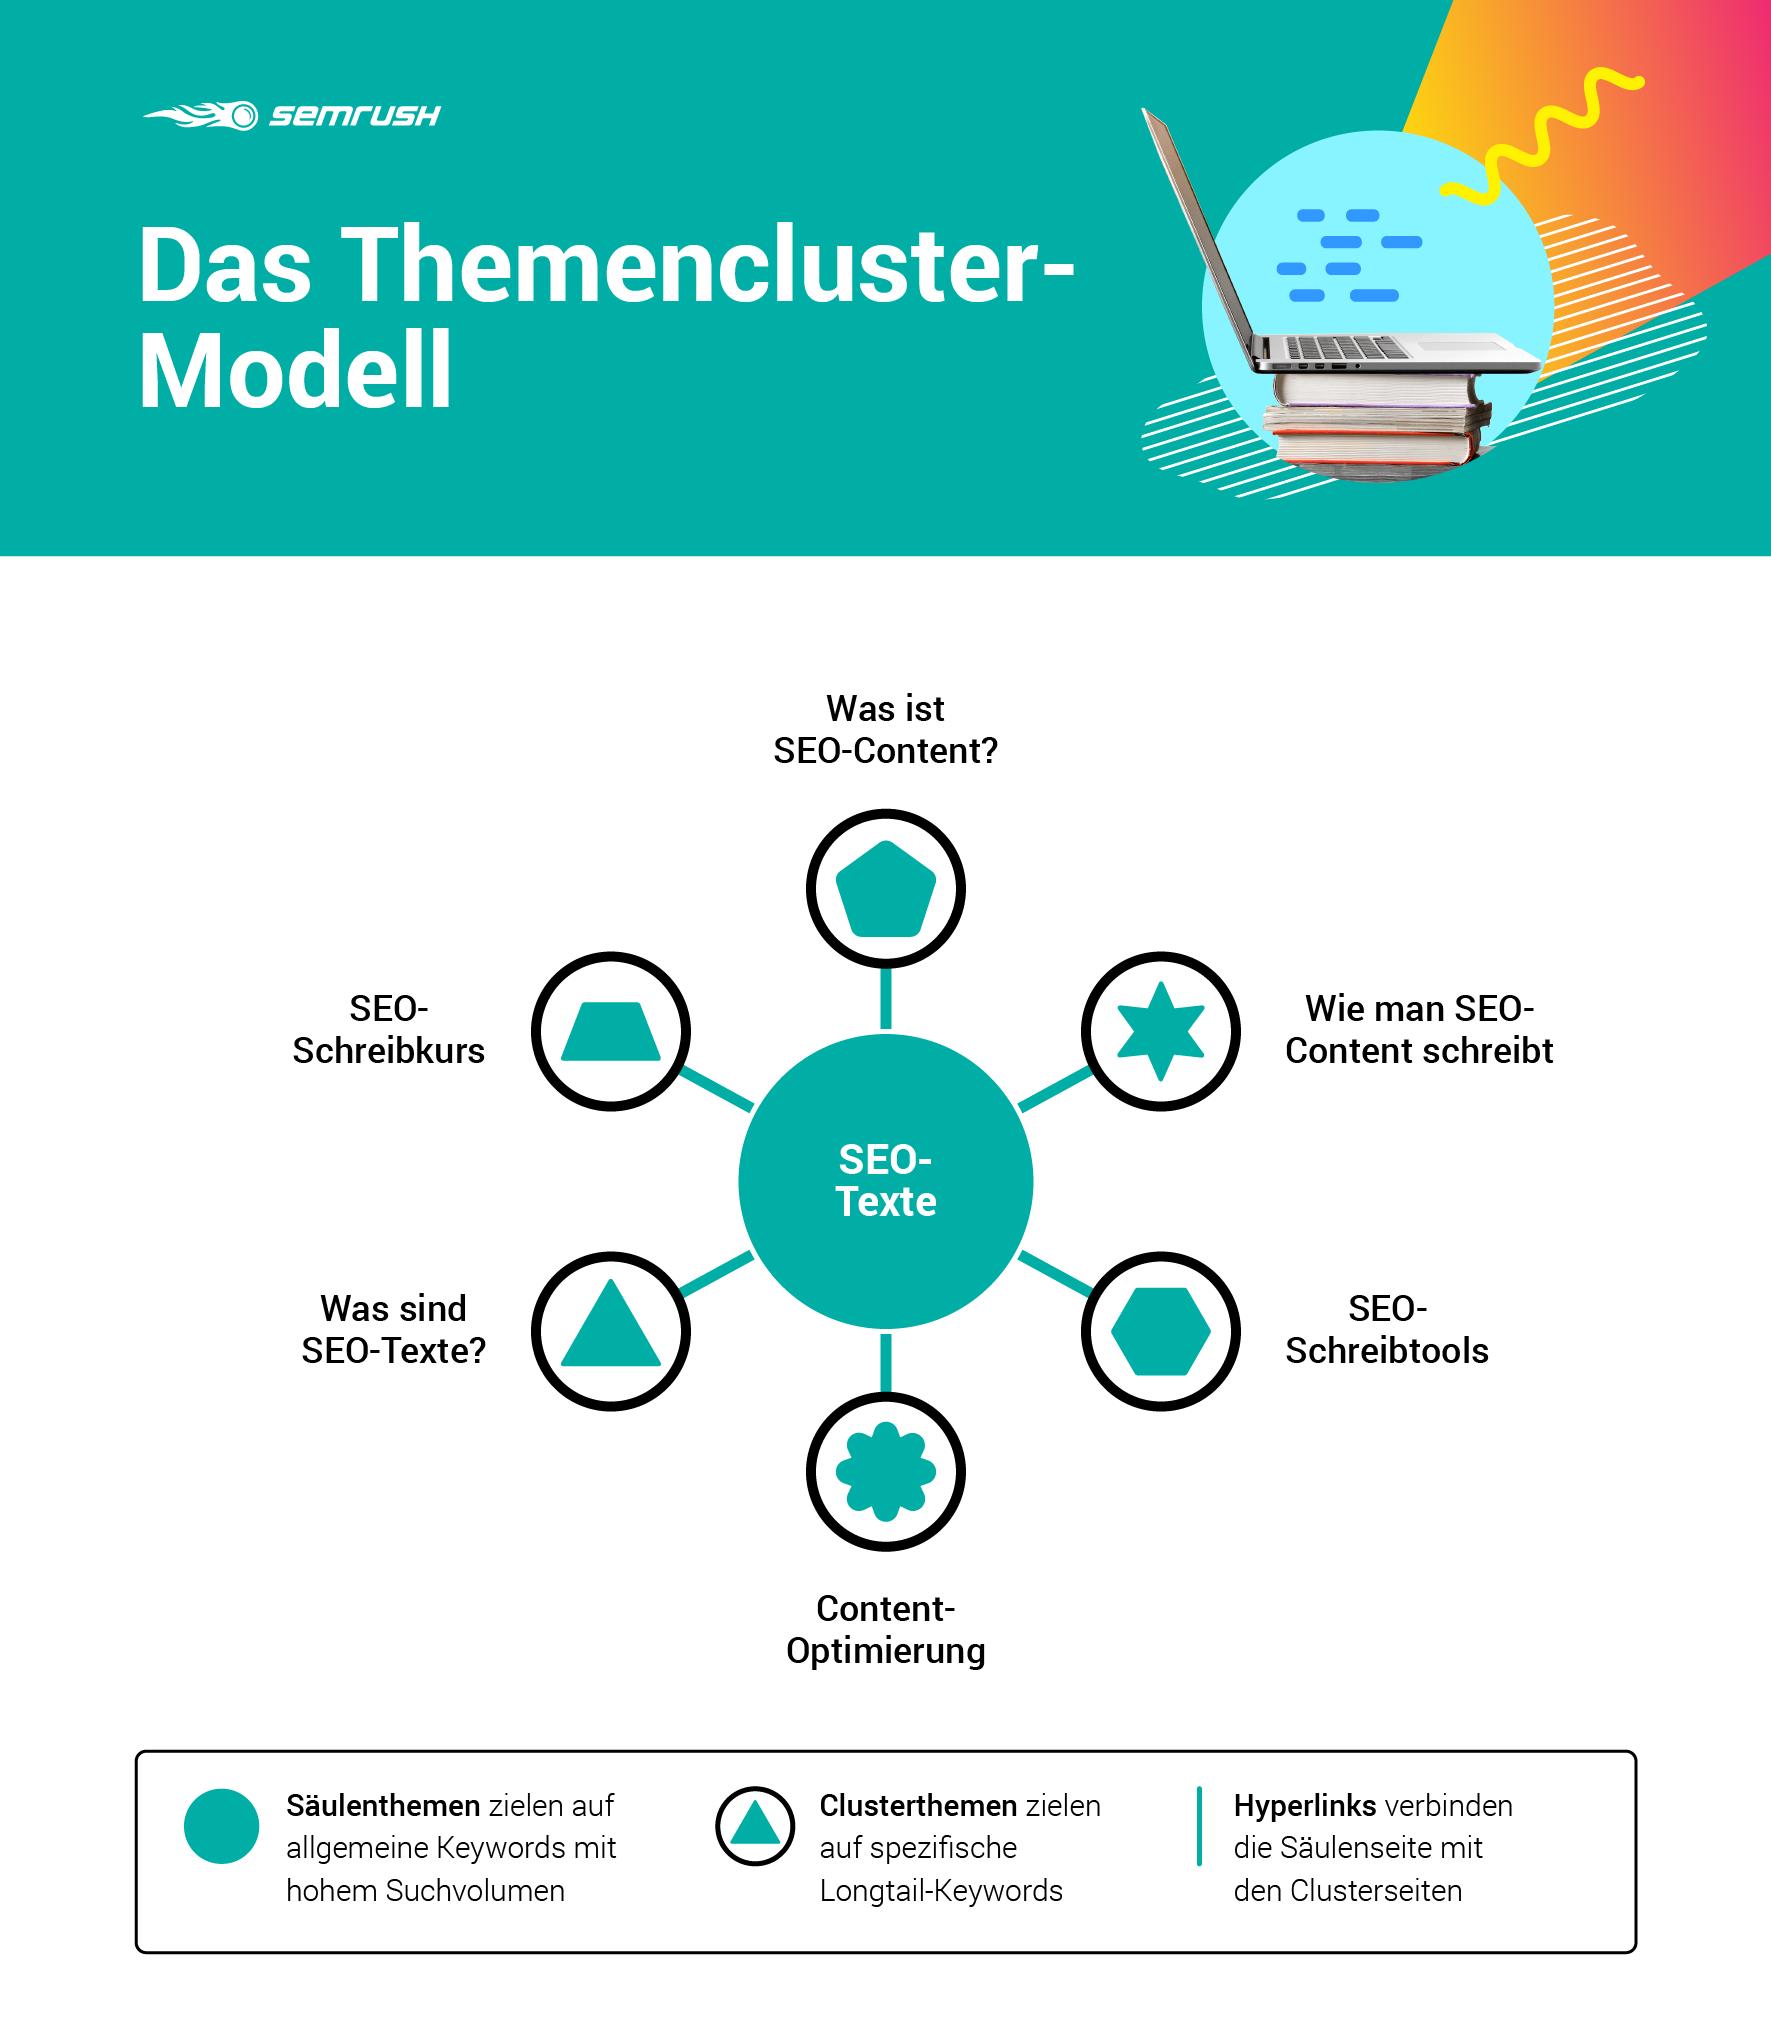 Infografik: Das Themencluster-Modell nach Hubspot